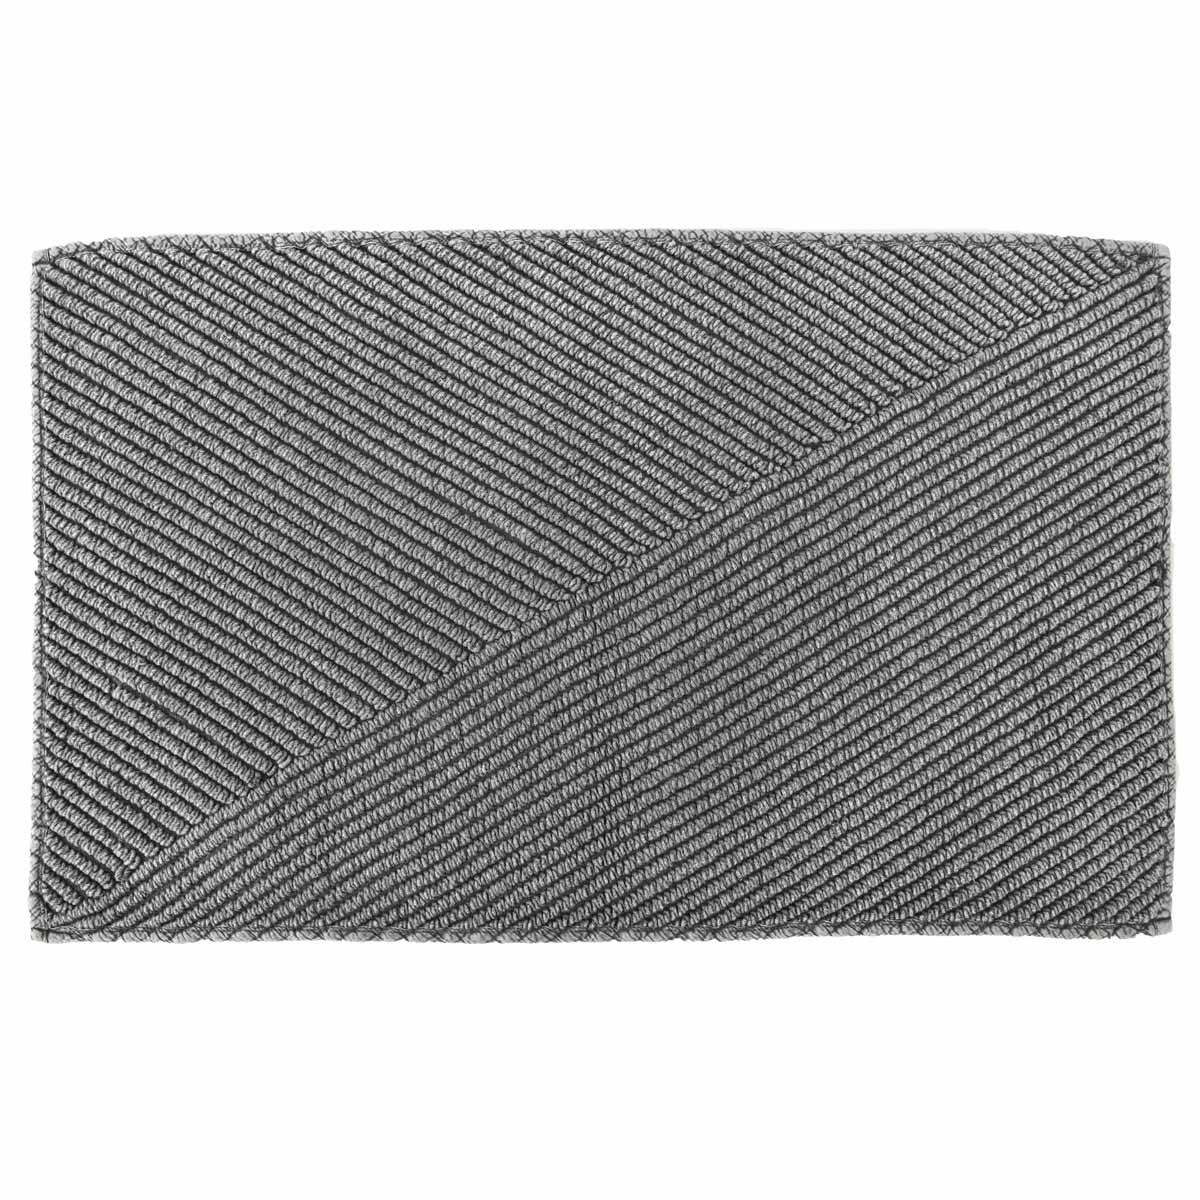 Πατάκι Μπάνιου (50×80) Dimitracas Galaxy 05586.001 Granite